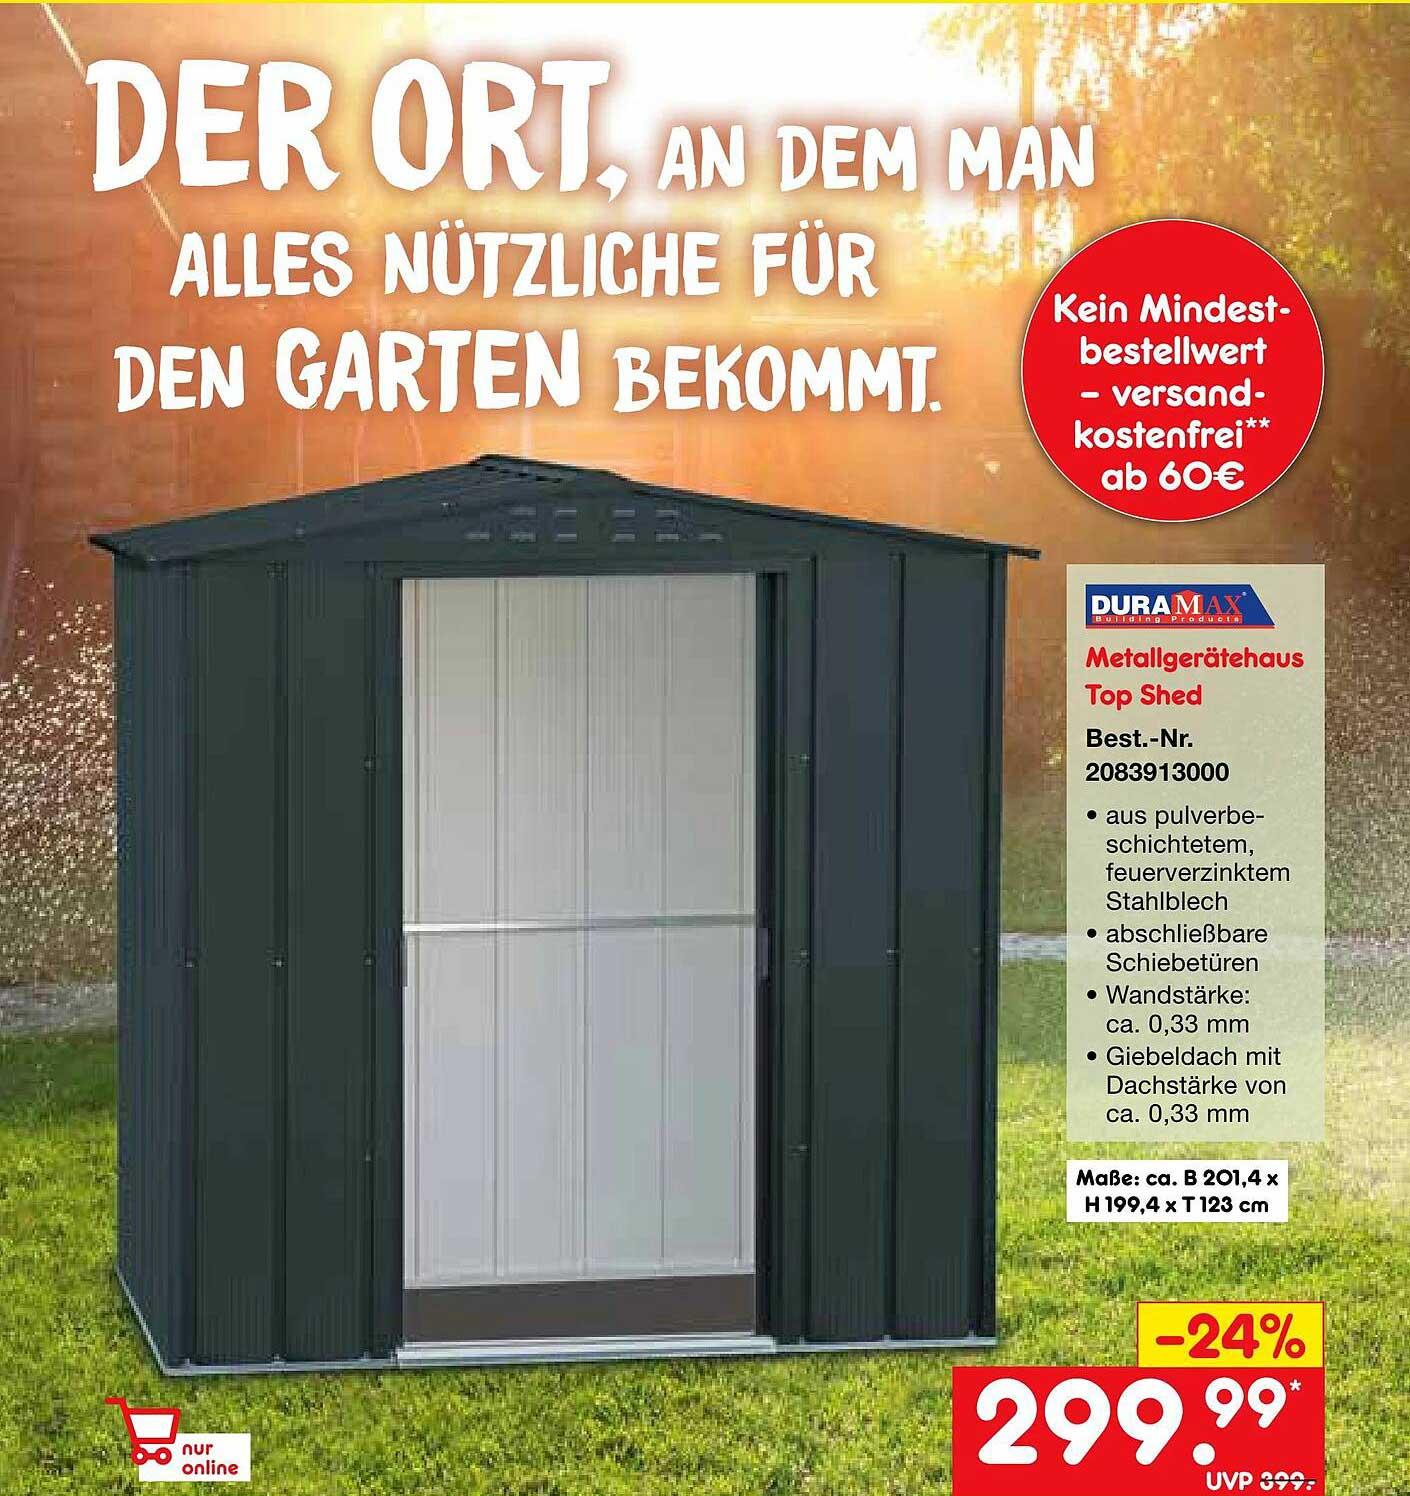 Netto Marken-Discount Duramax Metallgerätehaus Top Shed